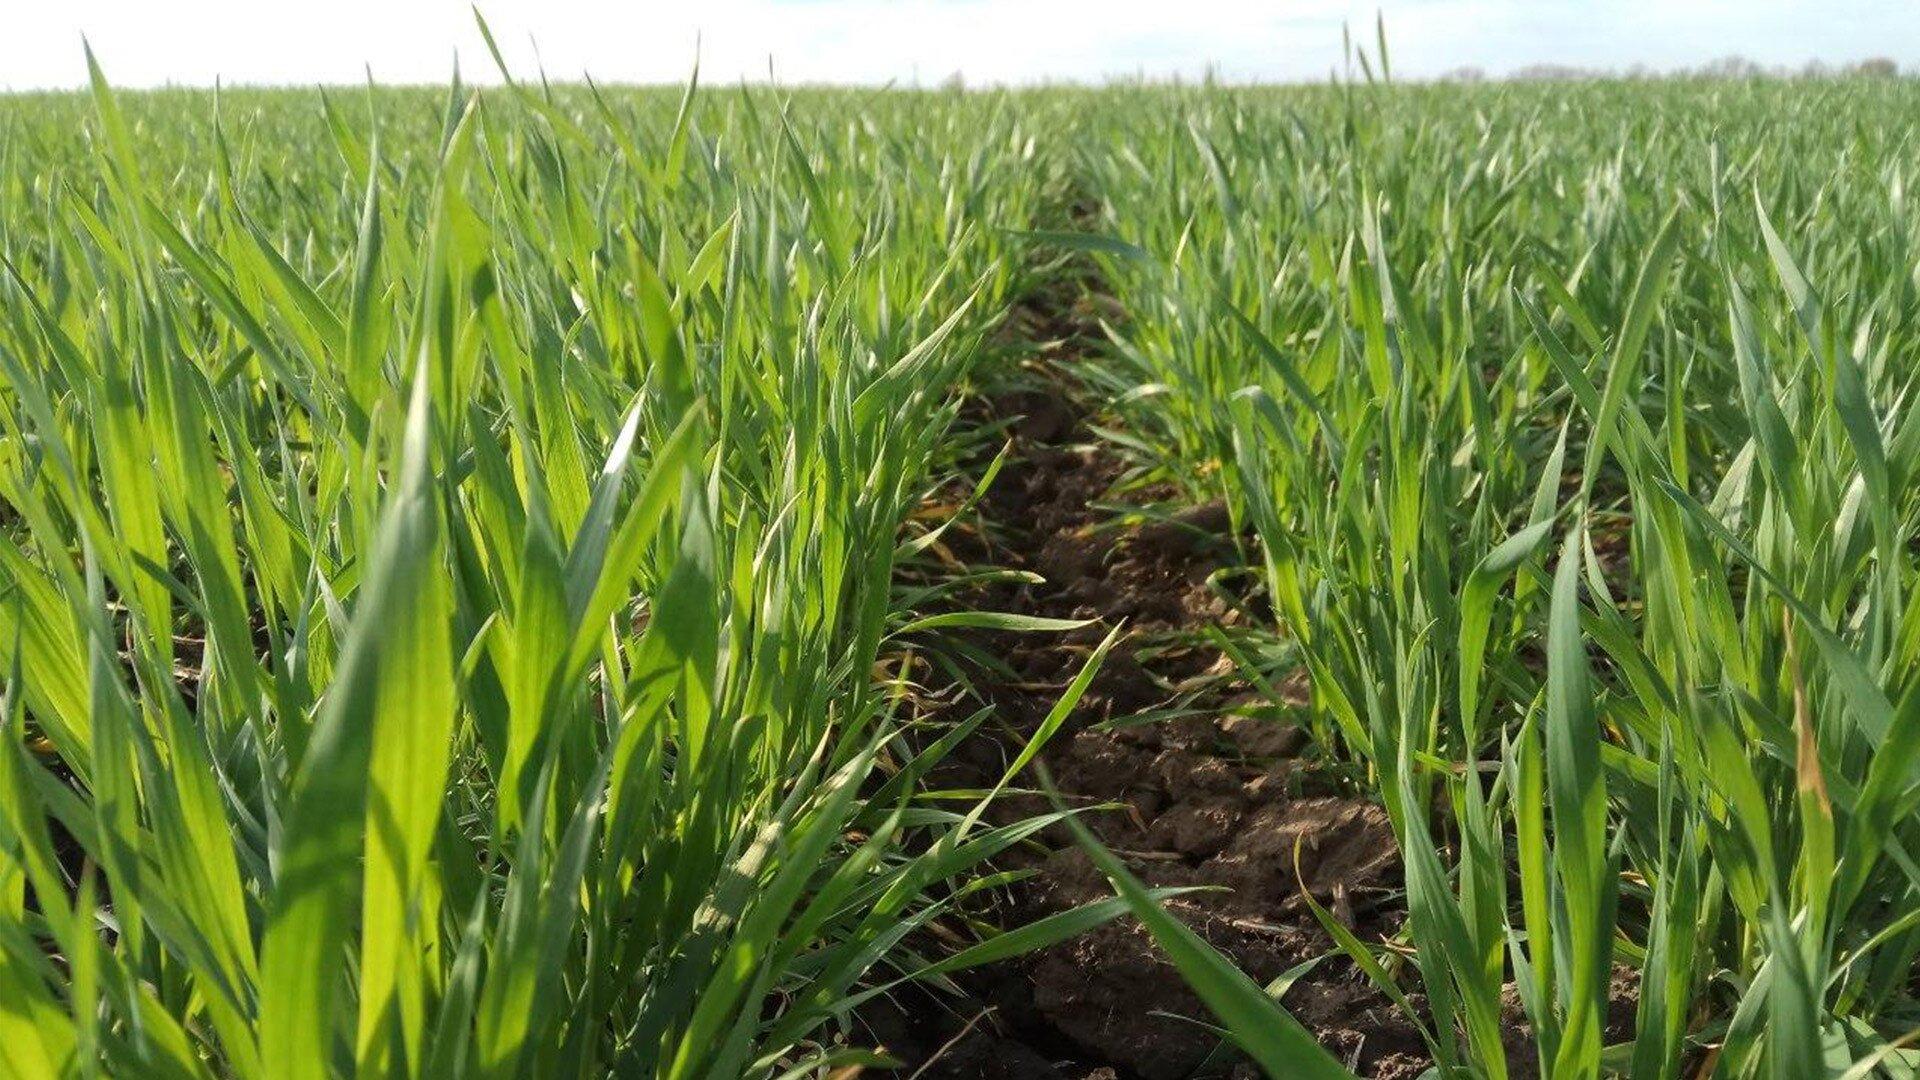 30-31 фаза развития озимой пшеницы - начало выхода в трубку